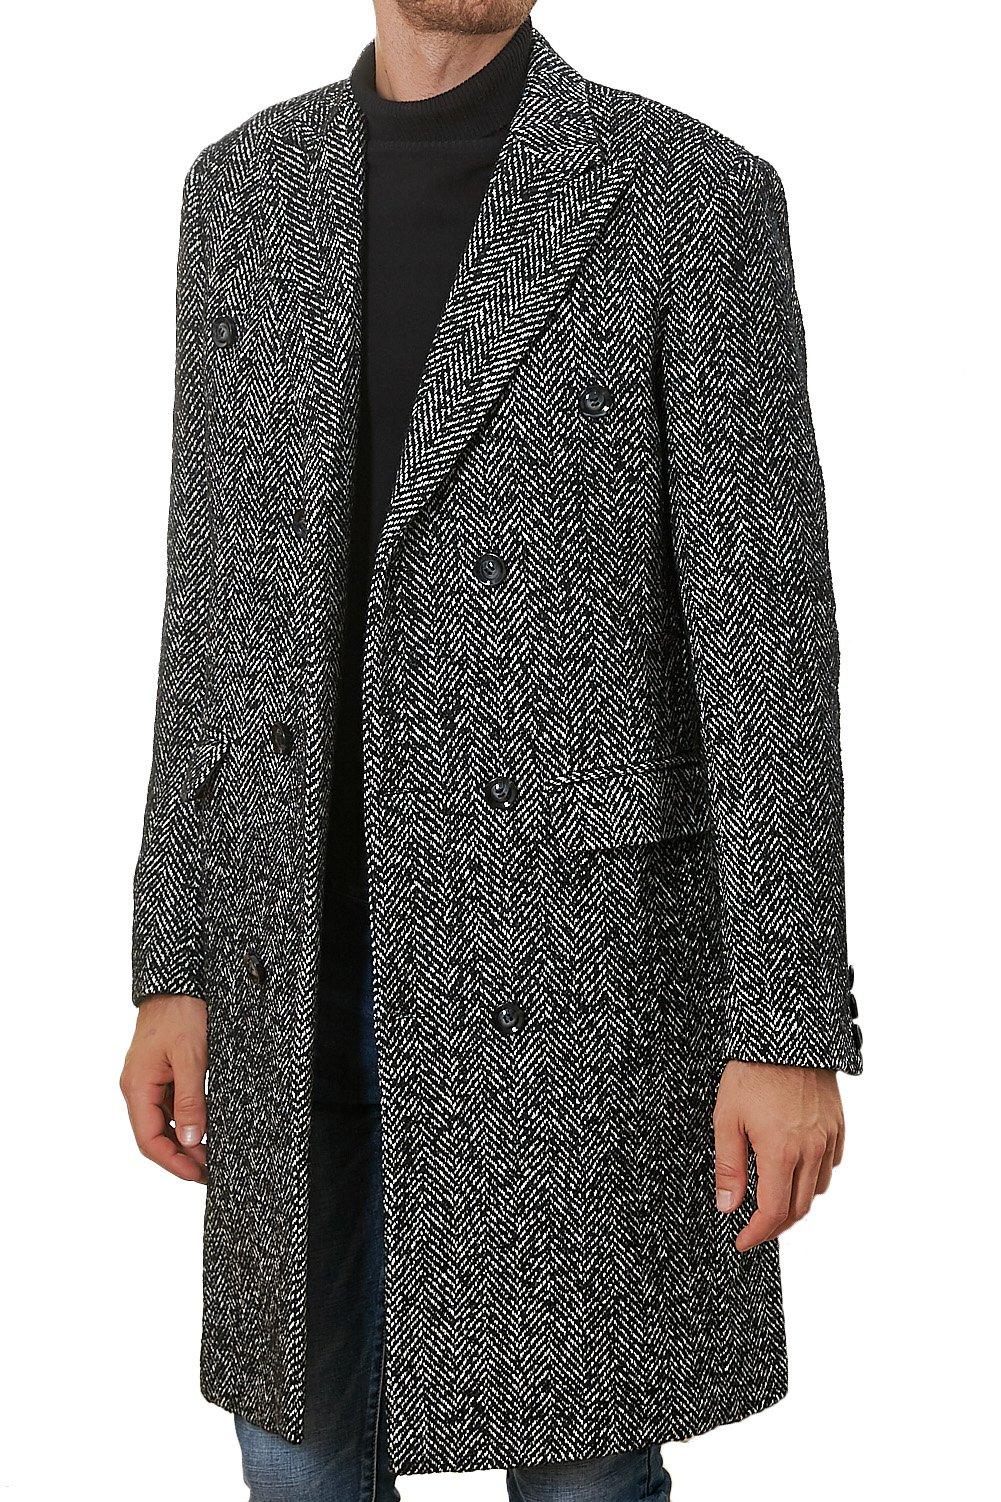 Hanayome Men's Outwear Double Breasted Notch Lapel Long Winter Herringbone Jacket Coat SI127 (Grey, L)